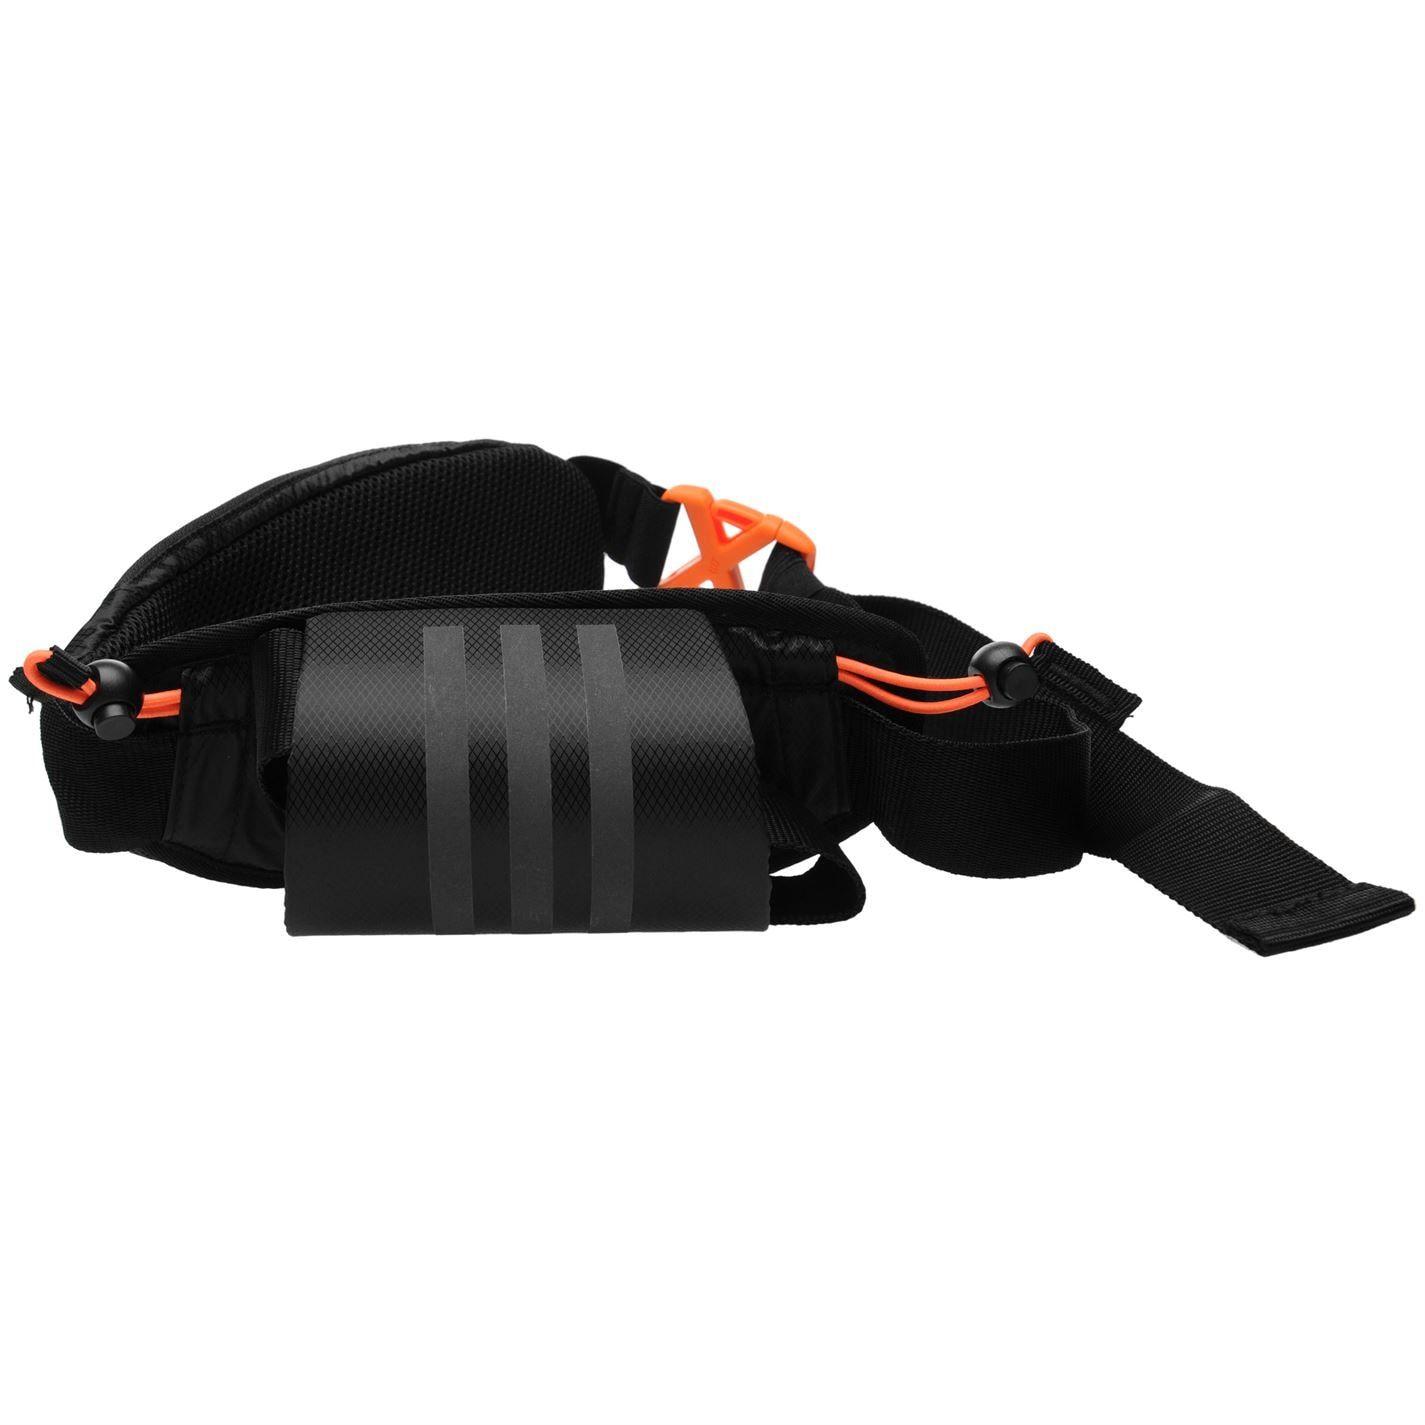 Adidas Bottlebelt Sn82 3